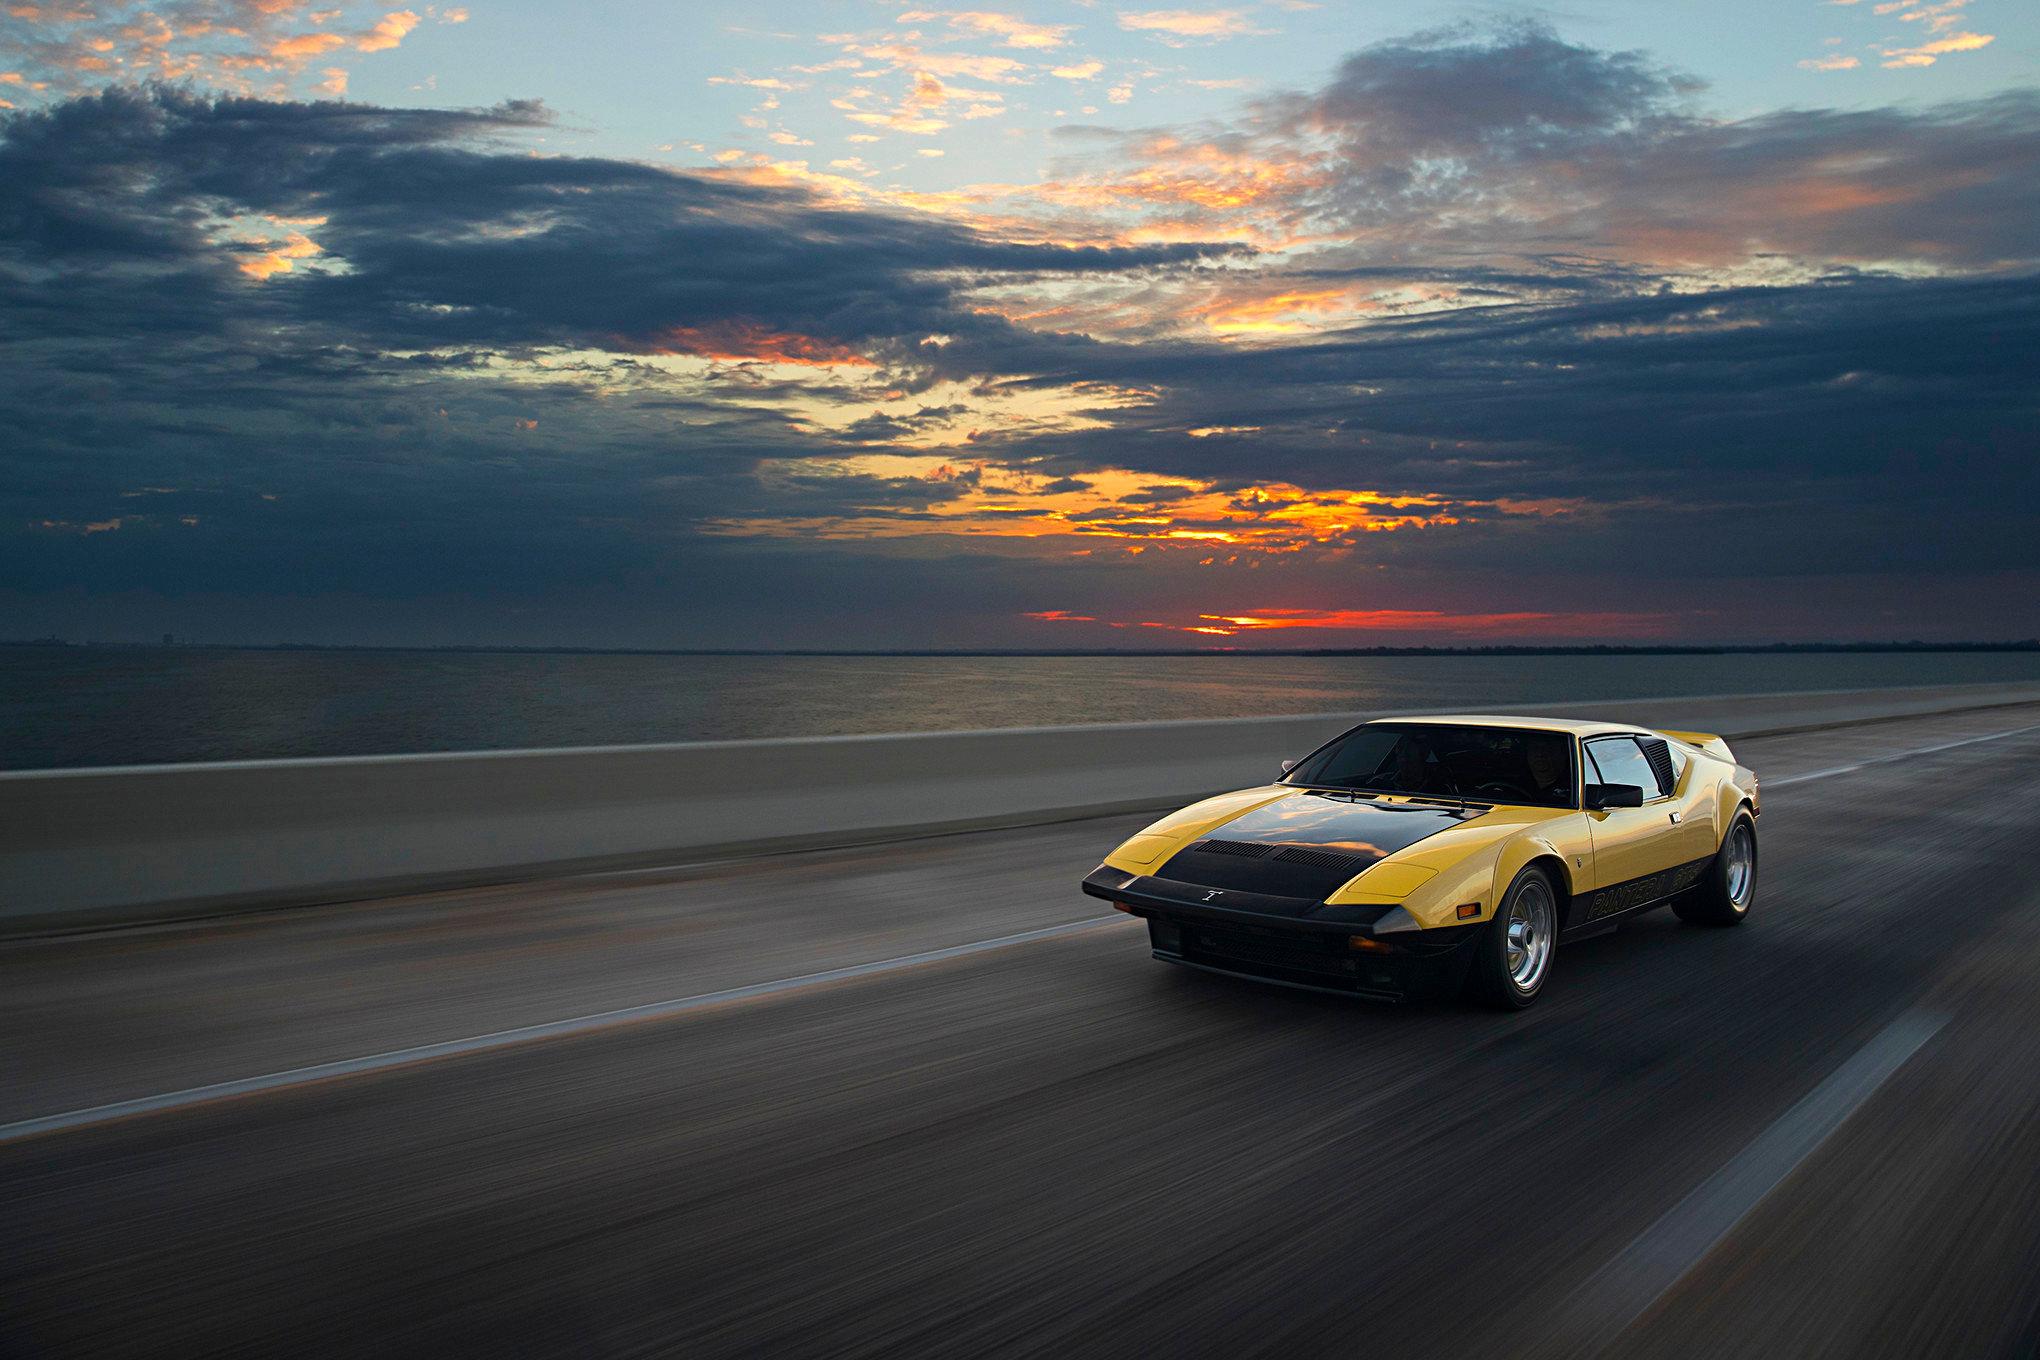 013 1974 Pantera Driving Front